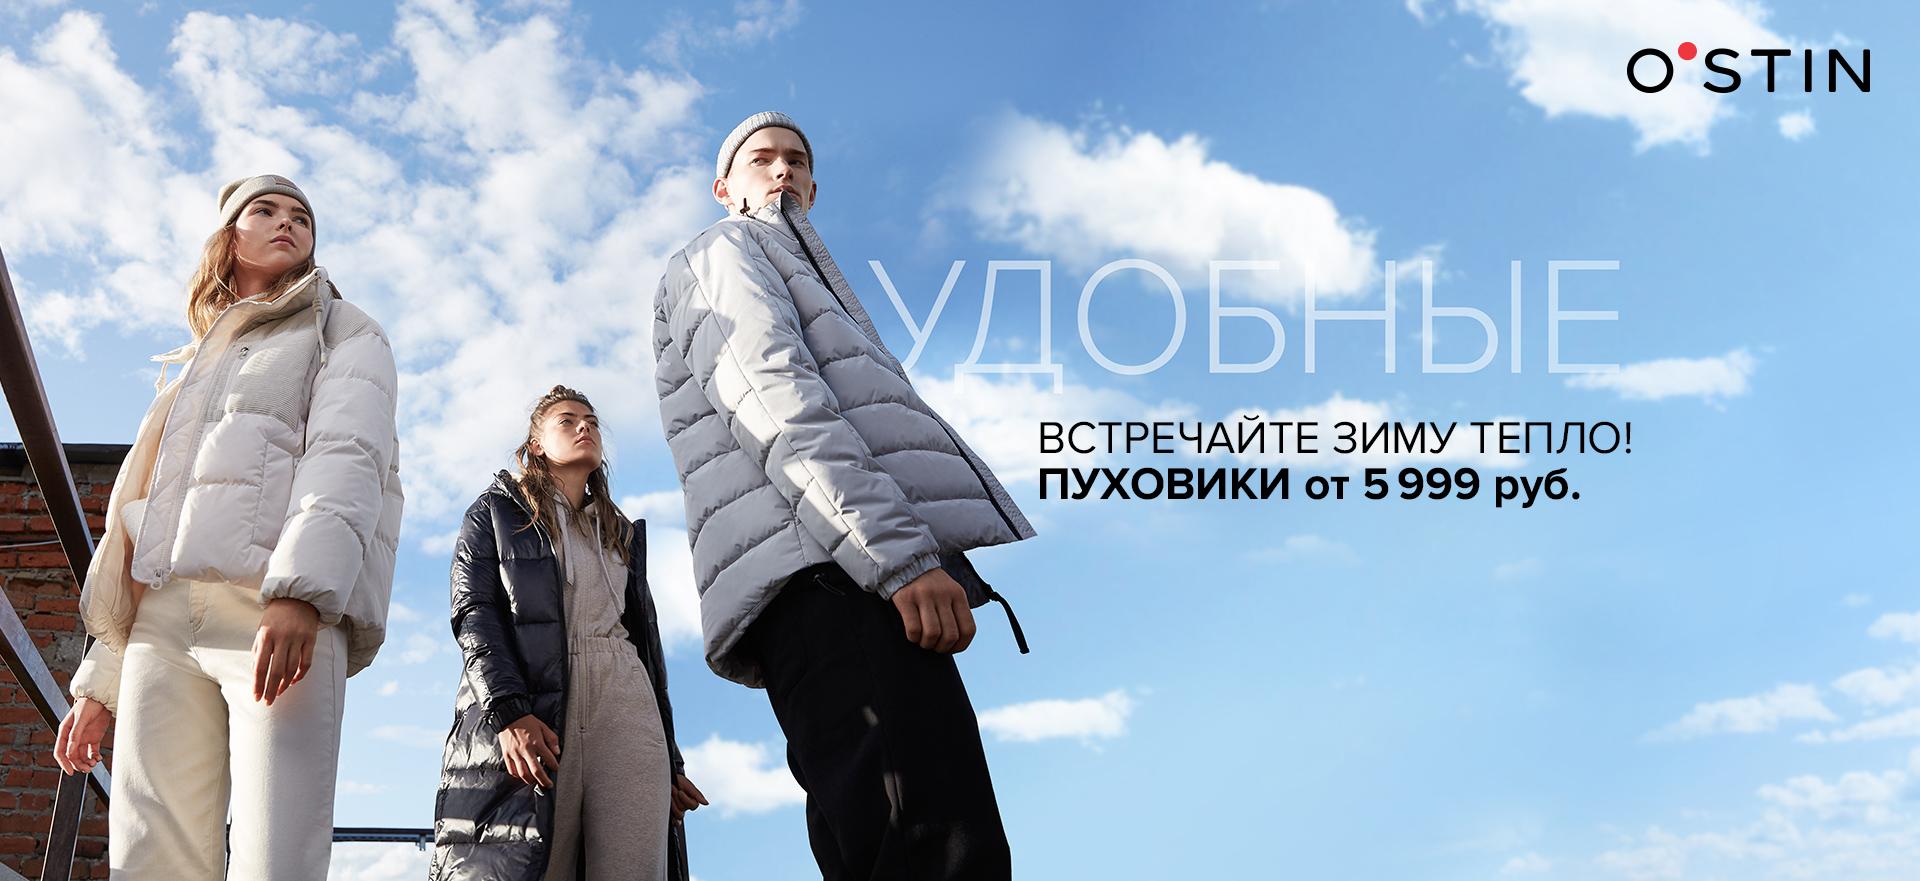 Пуховики в O'STIN от 5999 рублей!